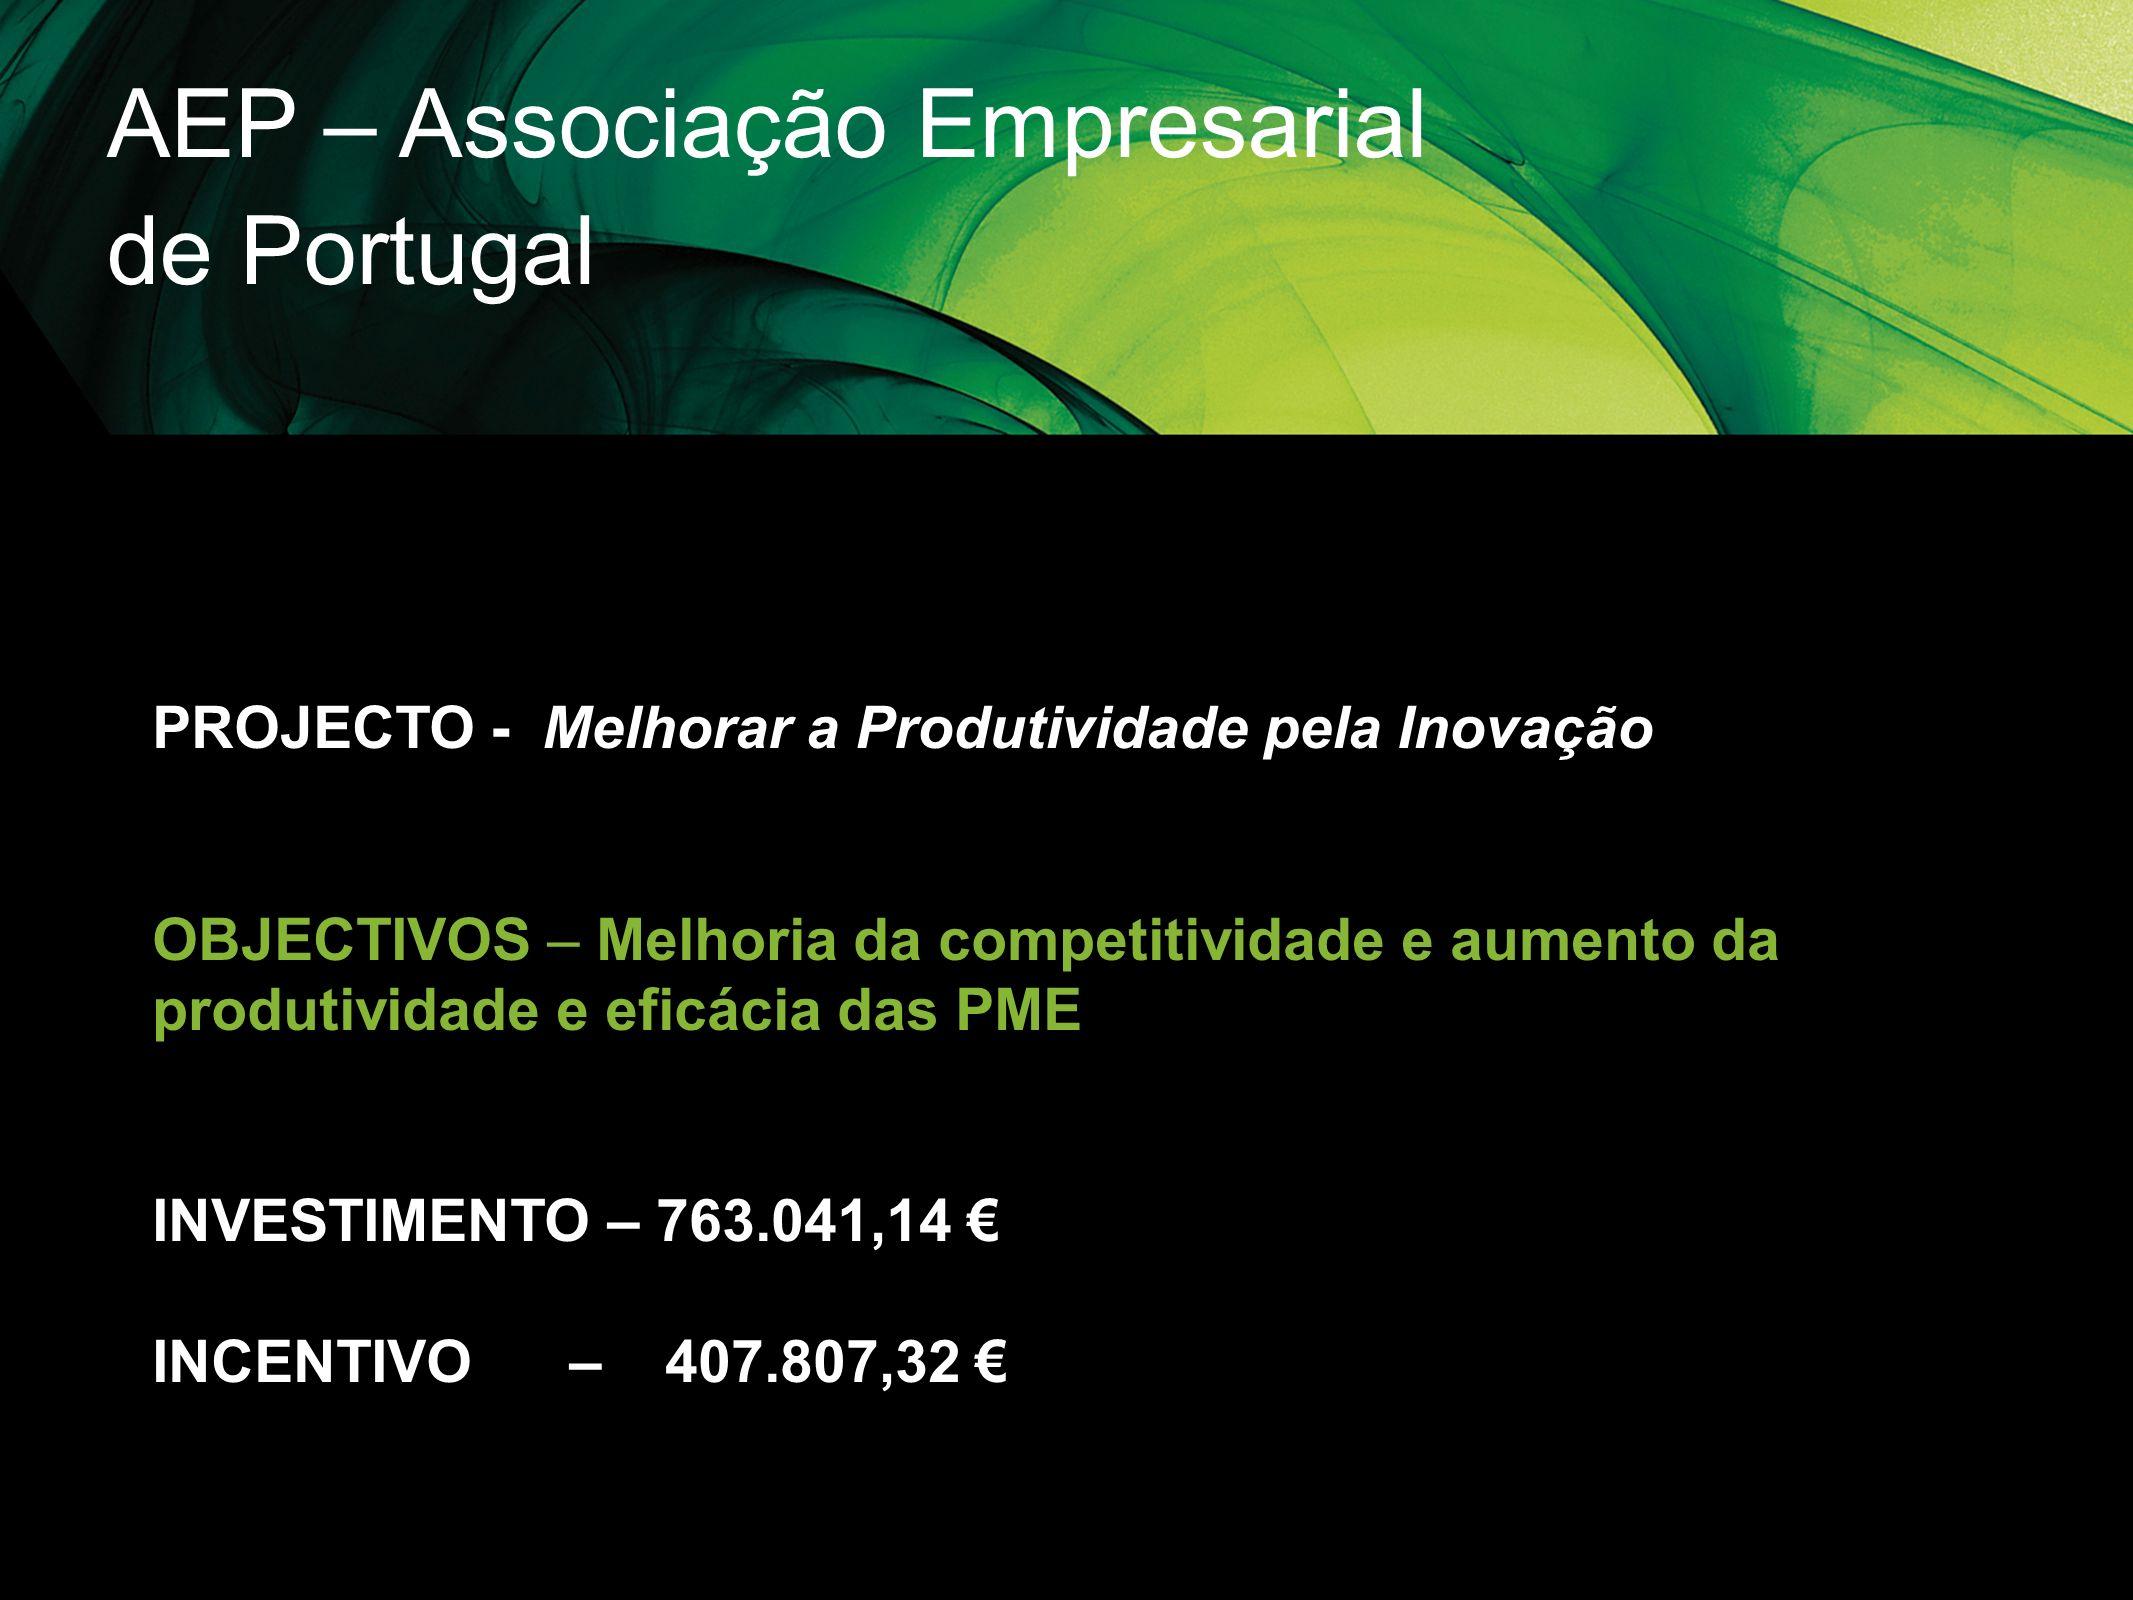 AEP – Associação Empresarial de Portugal PROJECTO - Melhorar a Produtividade pela Inovação OBJECTIVOS – Melhoria da competitividade e aumento da produ